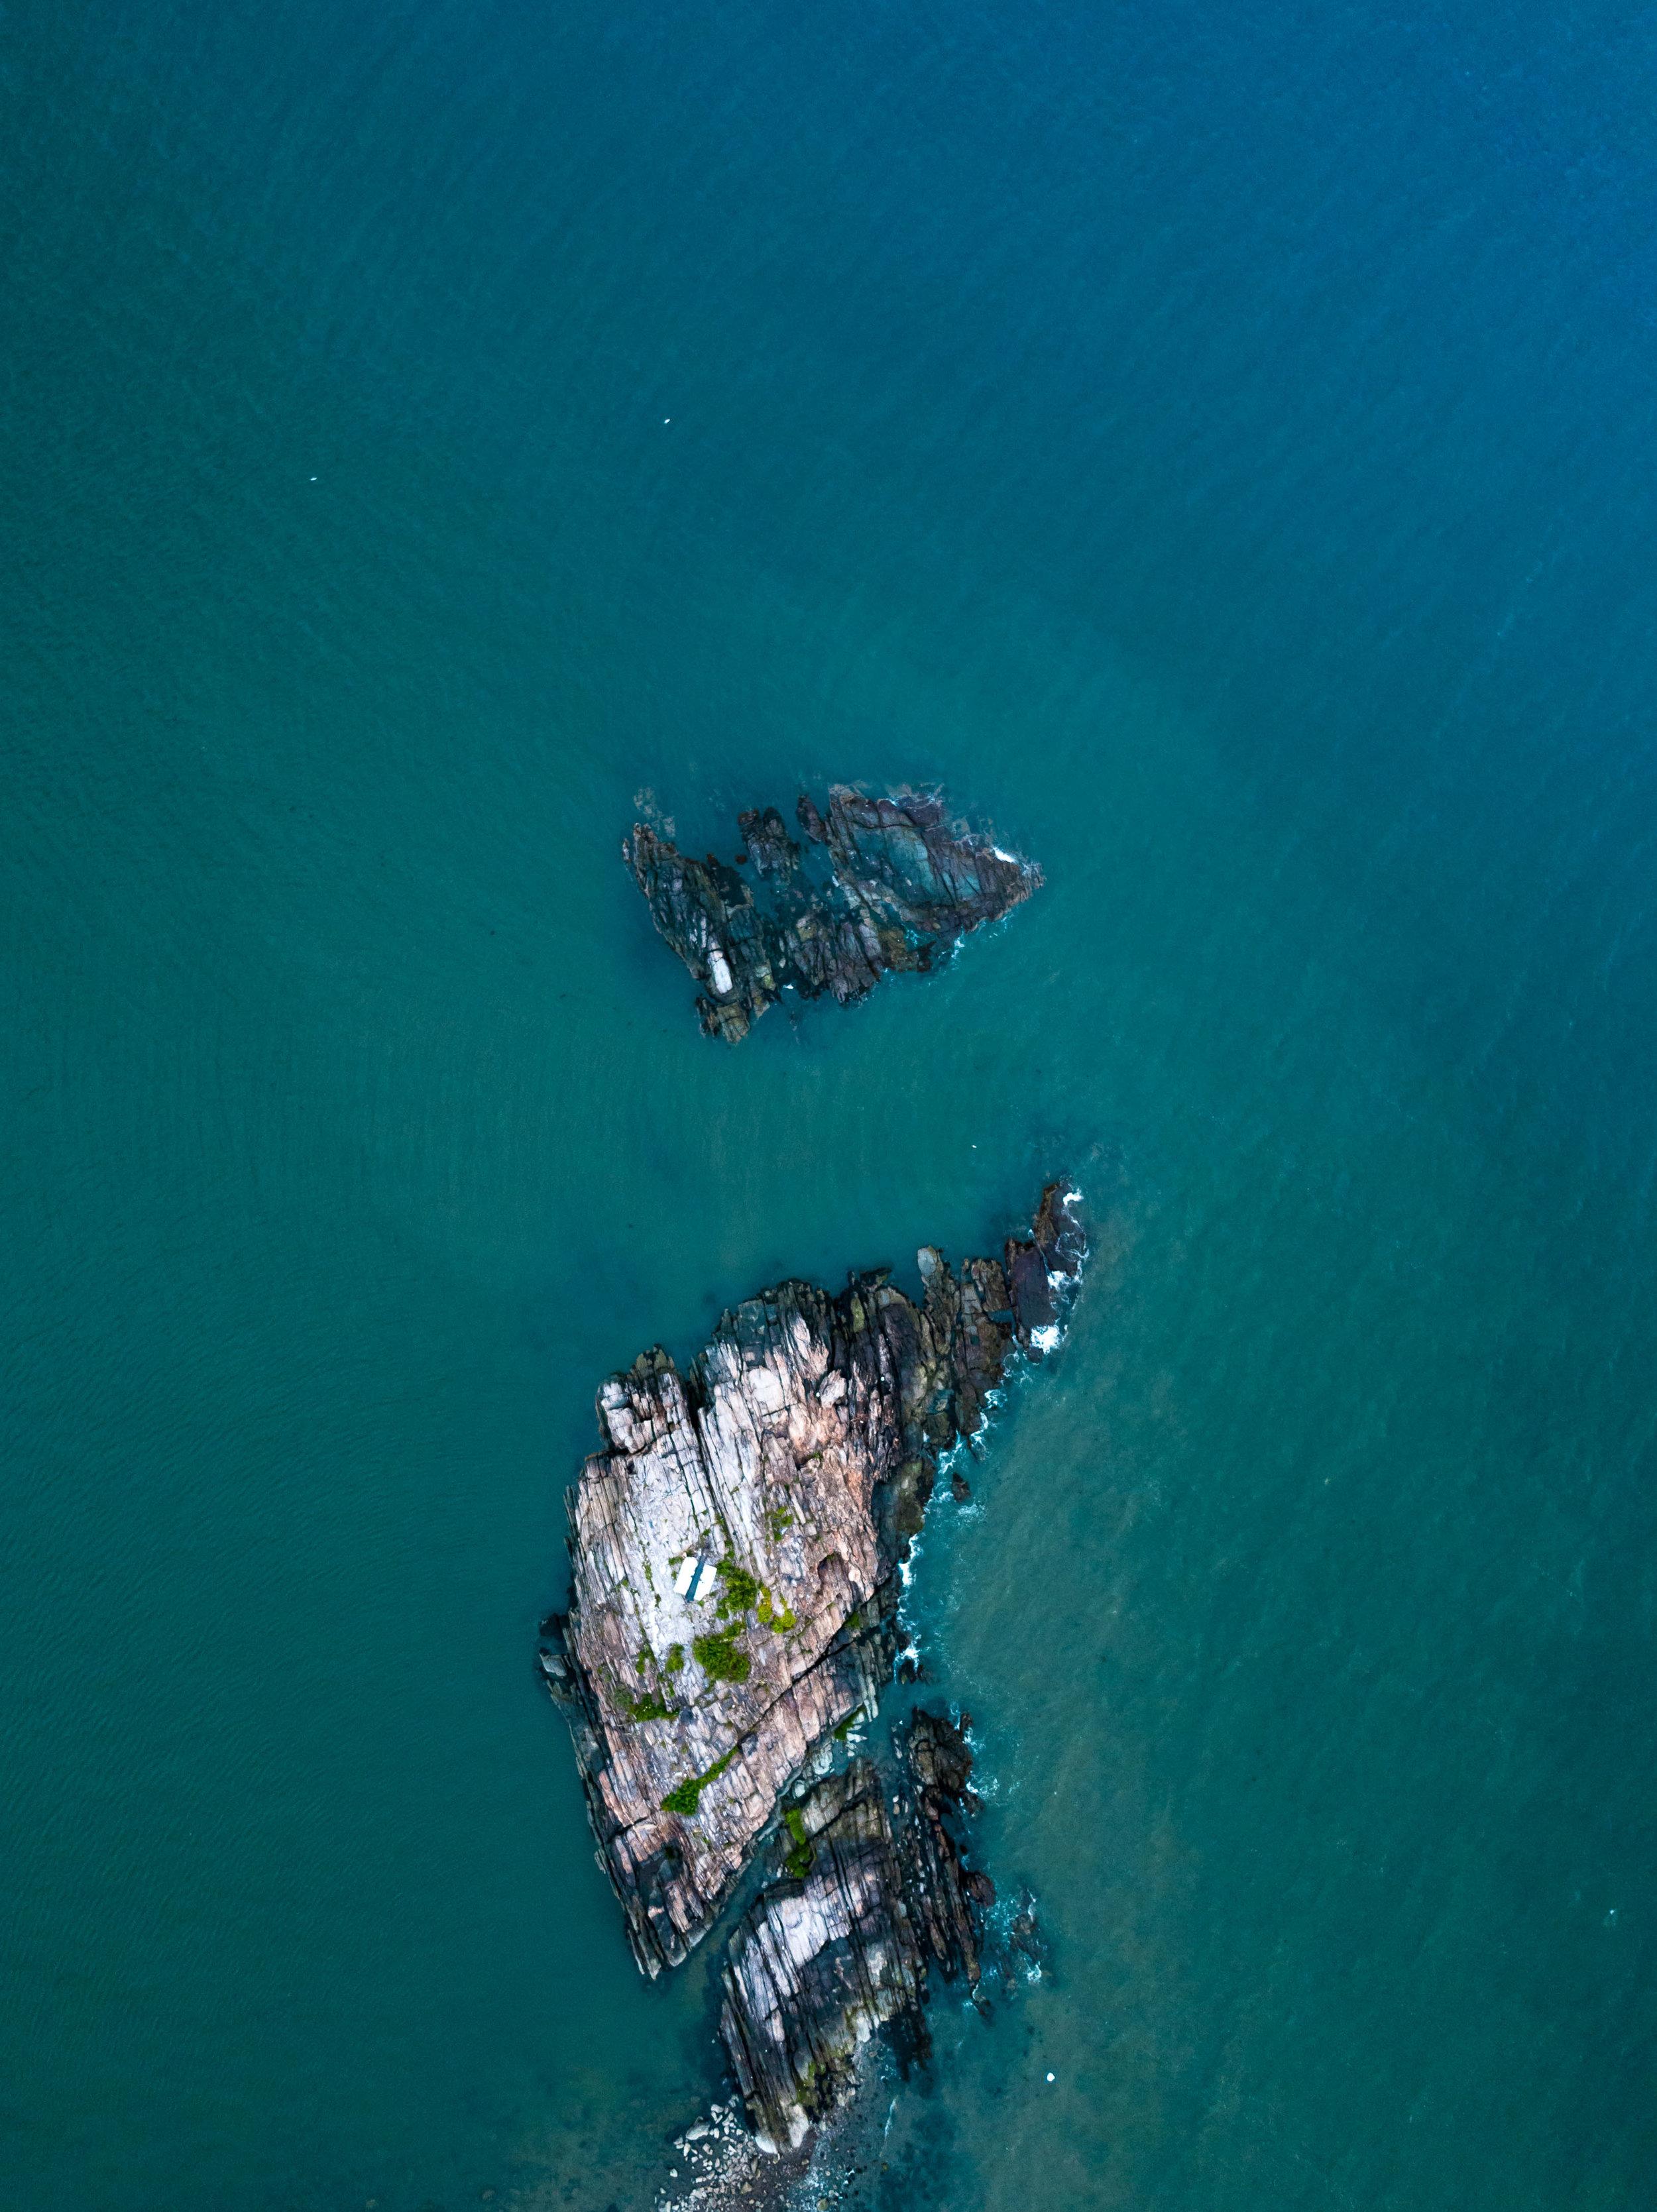 glenislandparkdirect_typoland_aerial-1.jpg